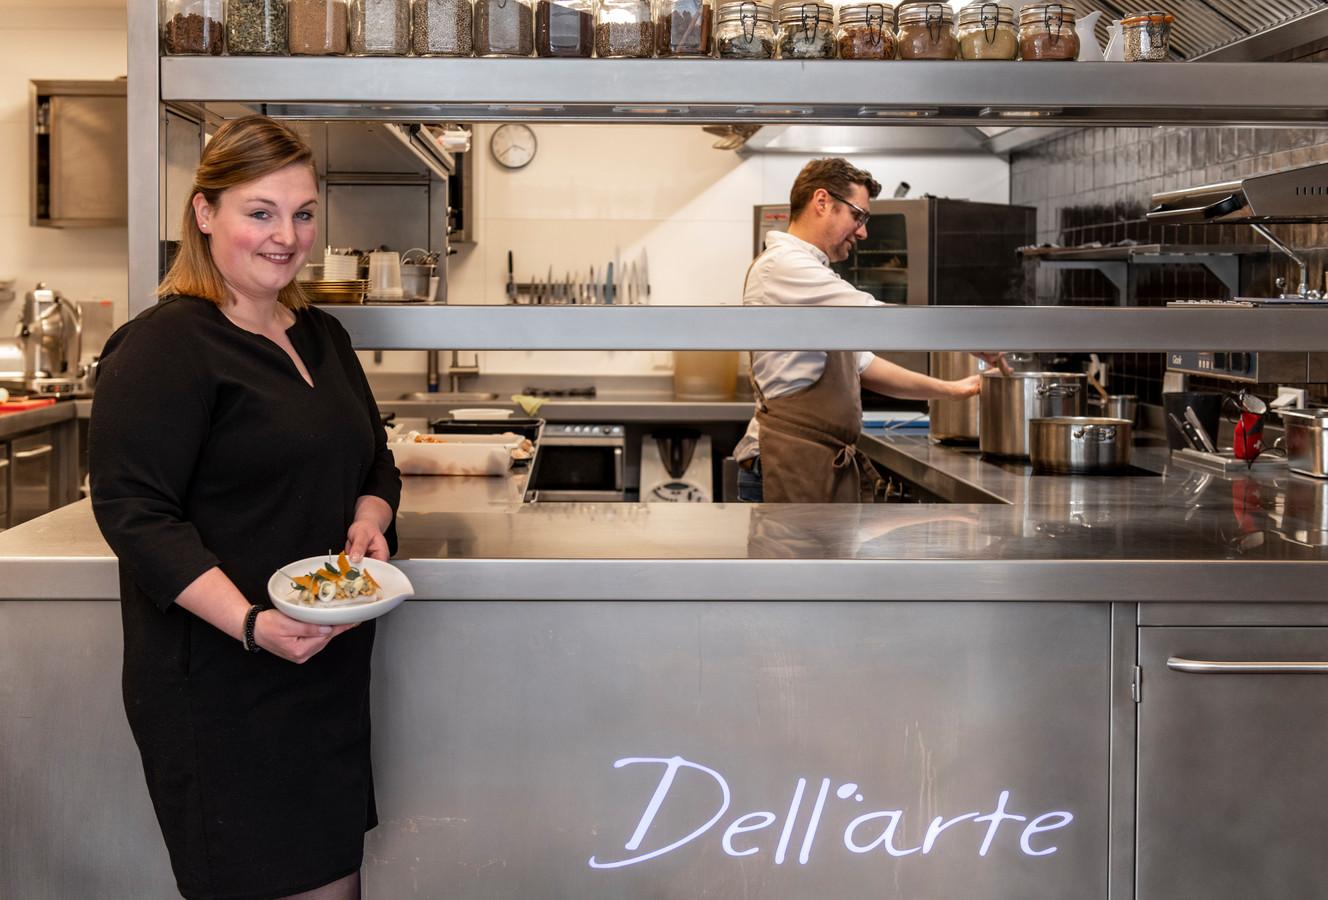 Eigenaren Julie Verbiest  en Robbert Dellaert in de keuken.